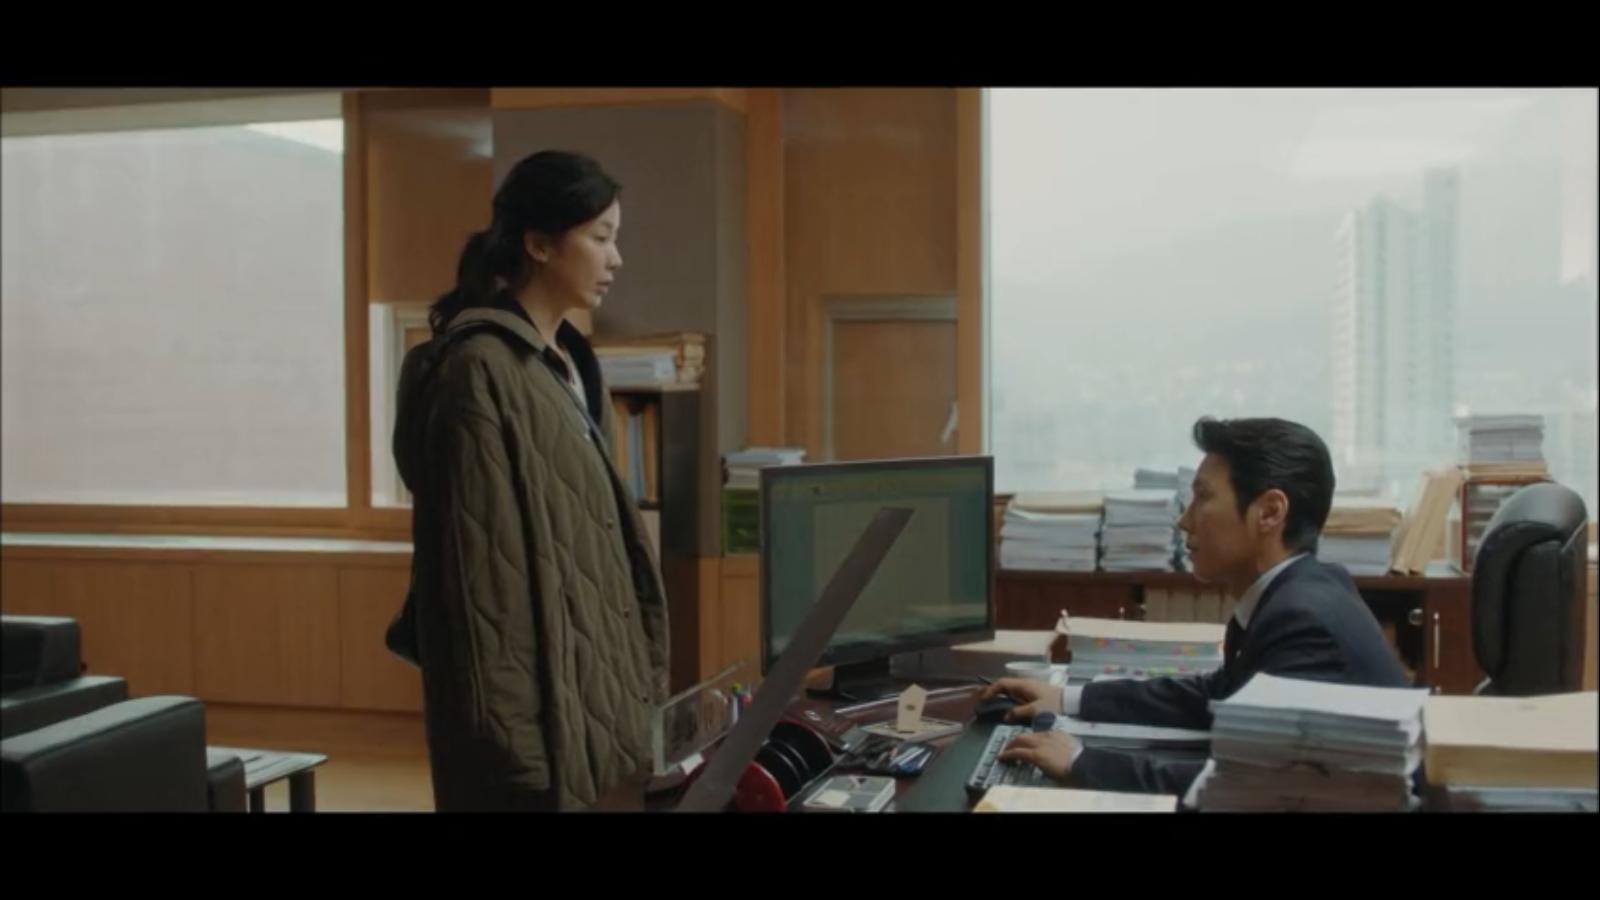 When My Love Blooms Episode 2 Yoon Ji-soo talking to Lee Se-hoon in office